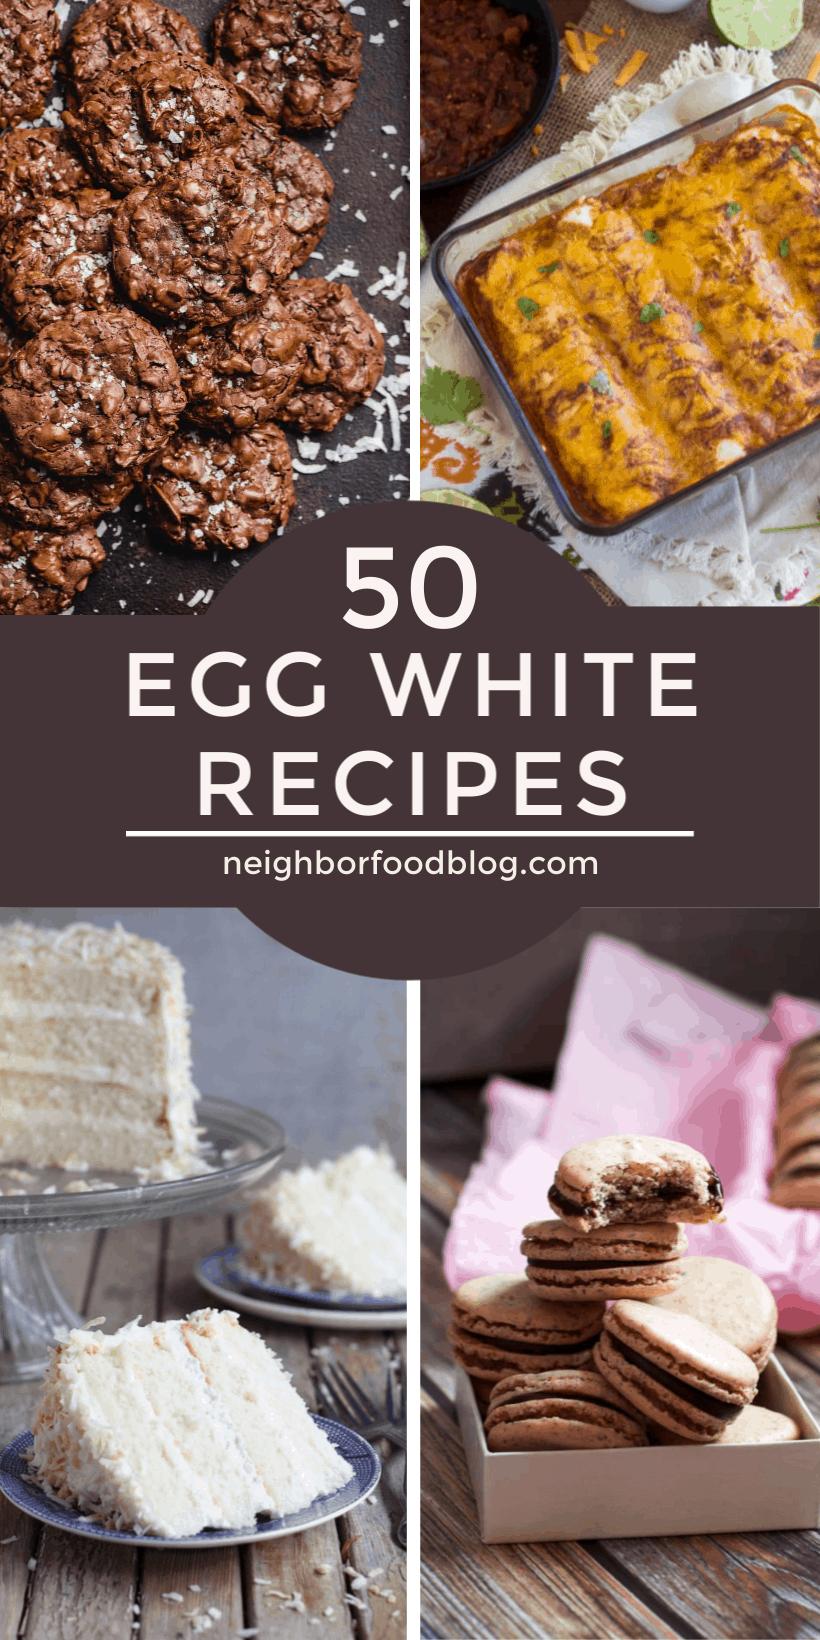 8 Egg White Recipes - NeighborFood